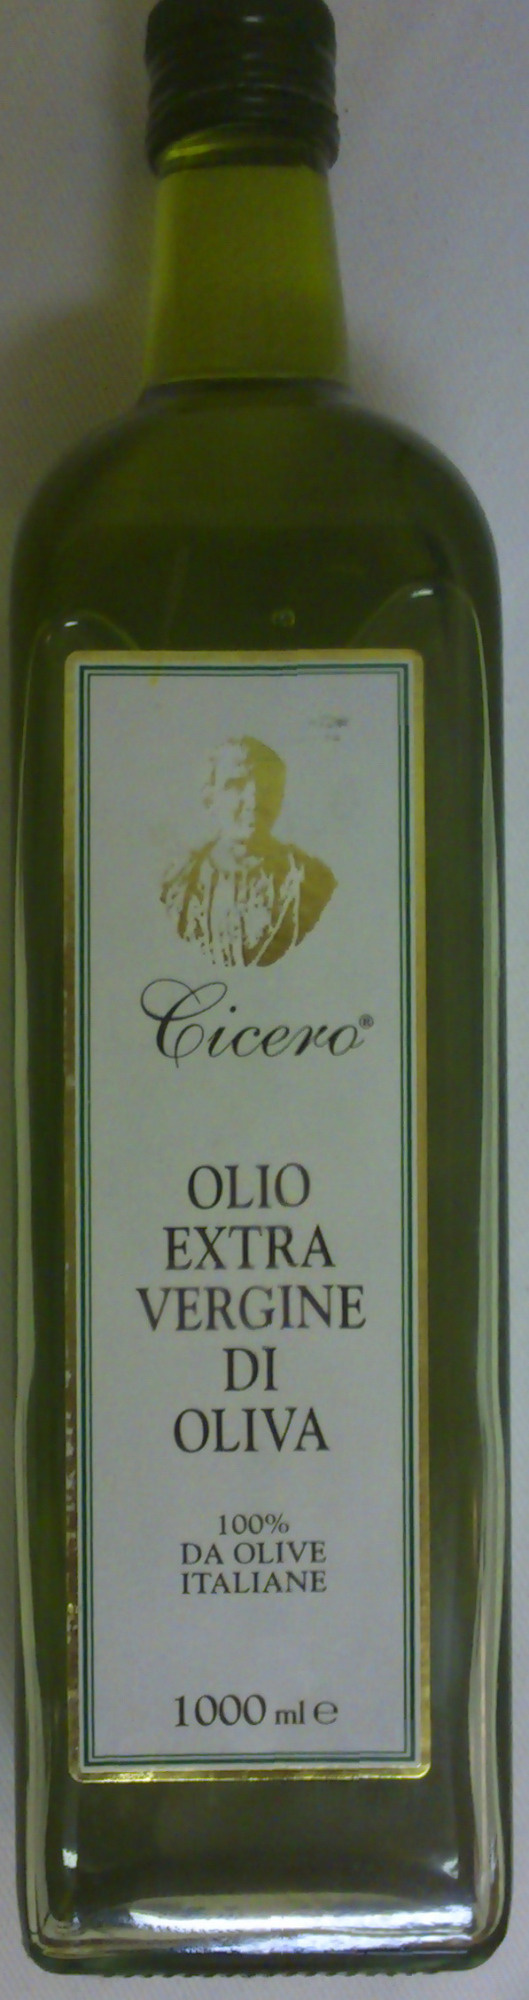 Olio extra vergine di oliva - Product - de